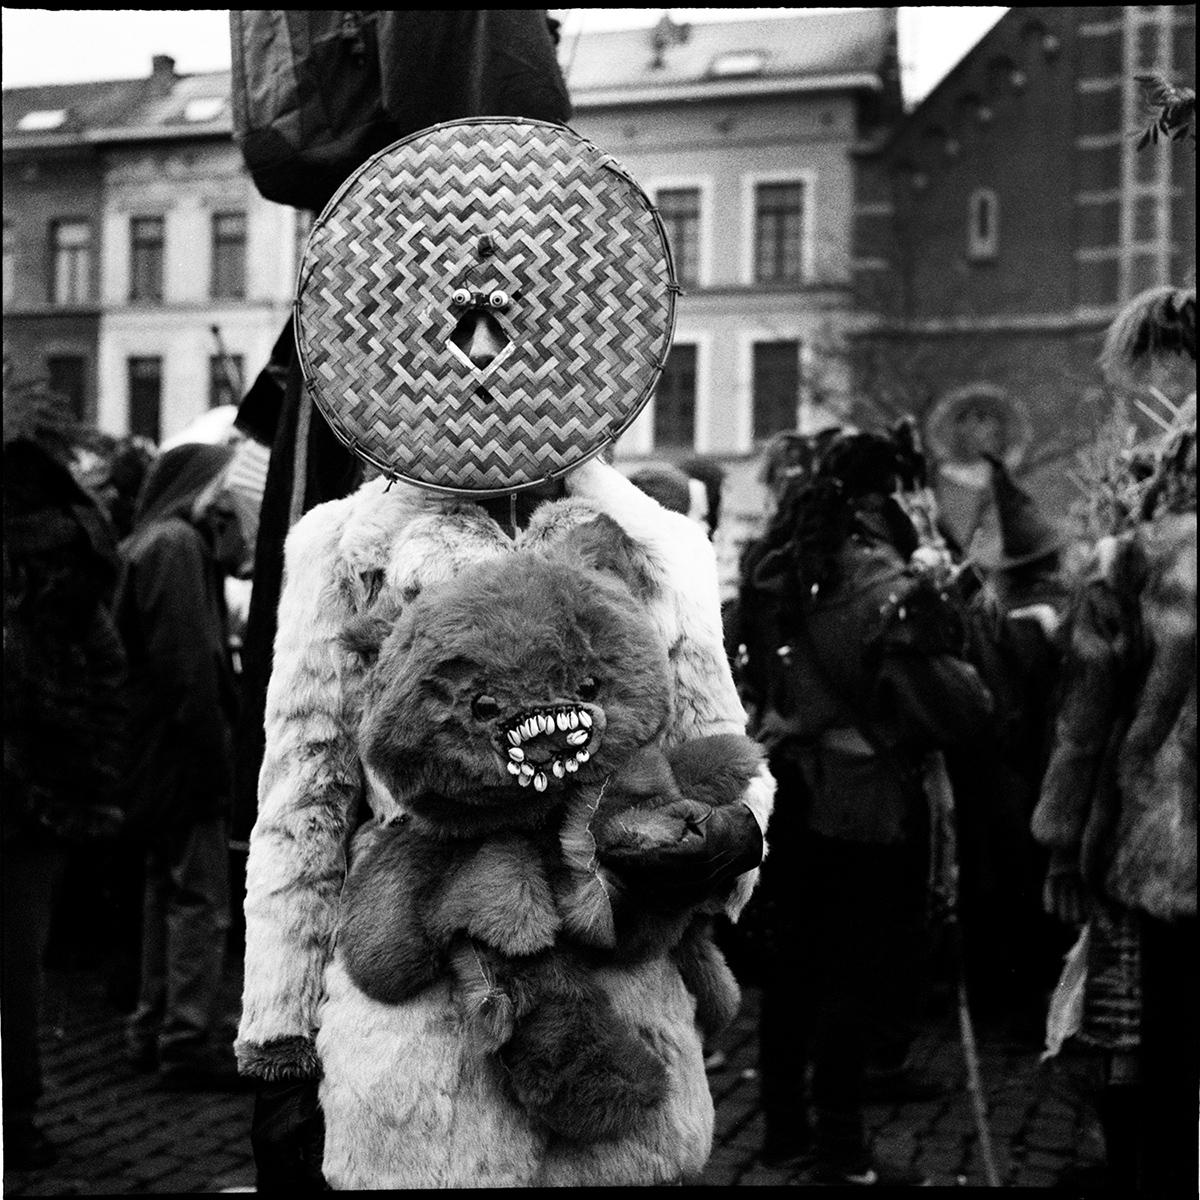 Carnaval sauvage de Bruxelles 2018 (6x6) by Laurent Orseau #16